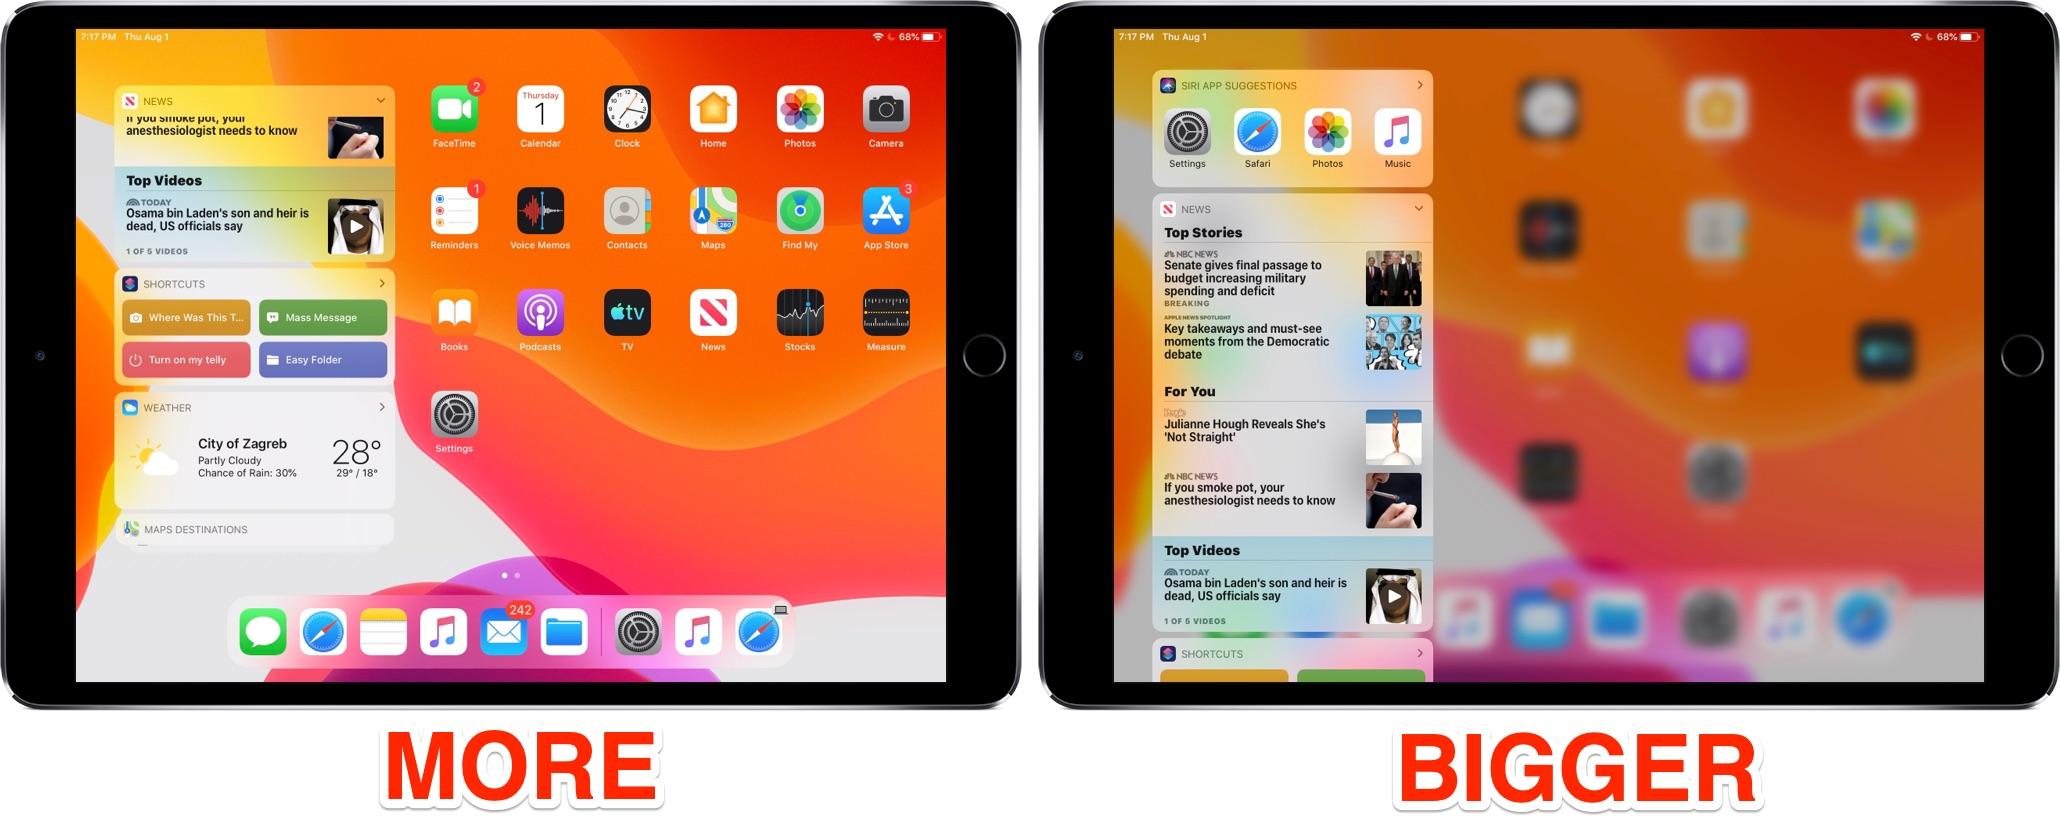 Cara membuat ikon aplikasi di iPad lebih kecil sehingga Anda dapat memuat lebih banyak aplikasi di layar Utama 5